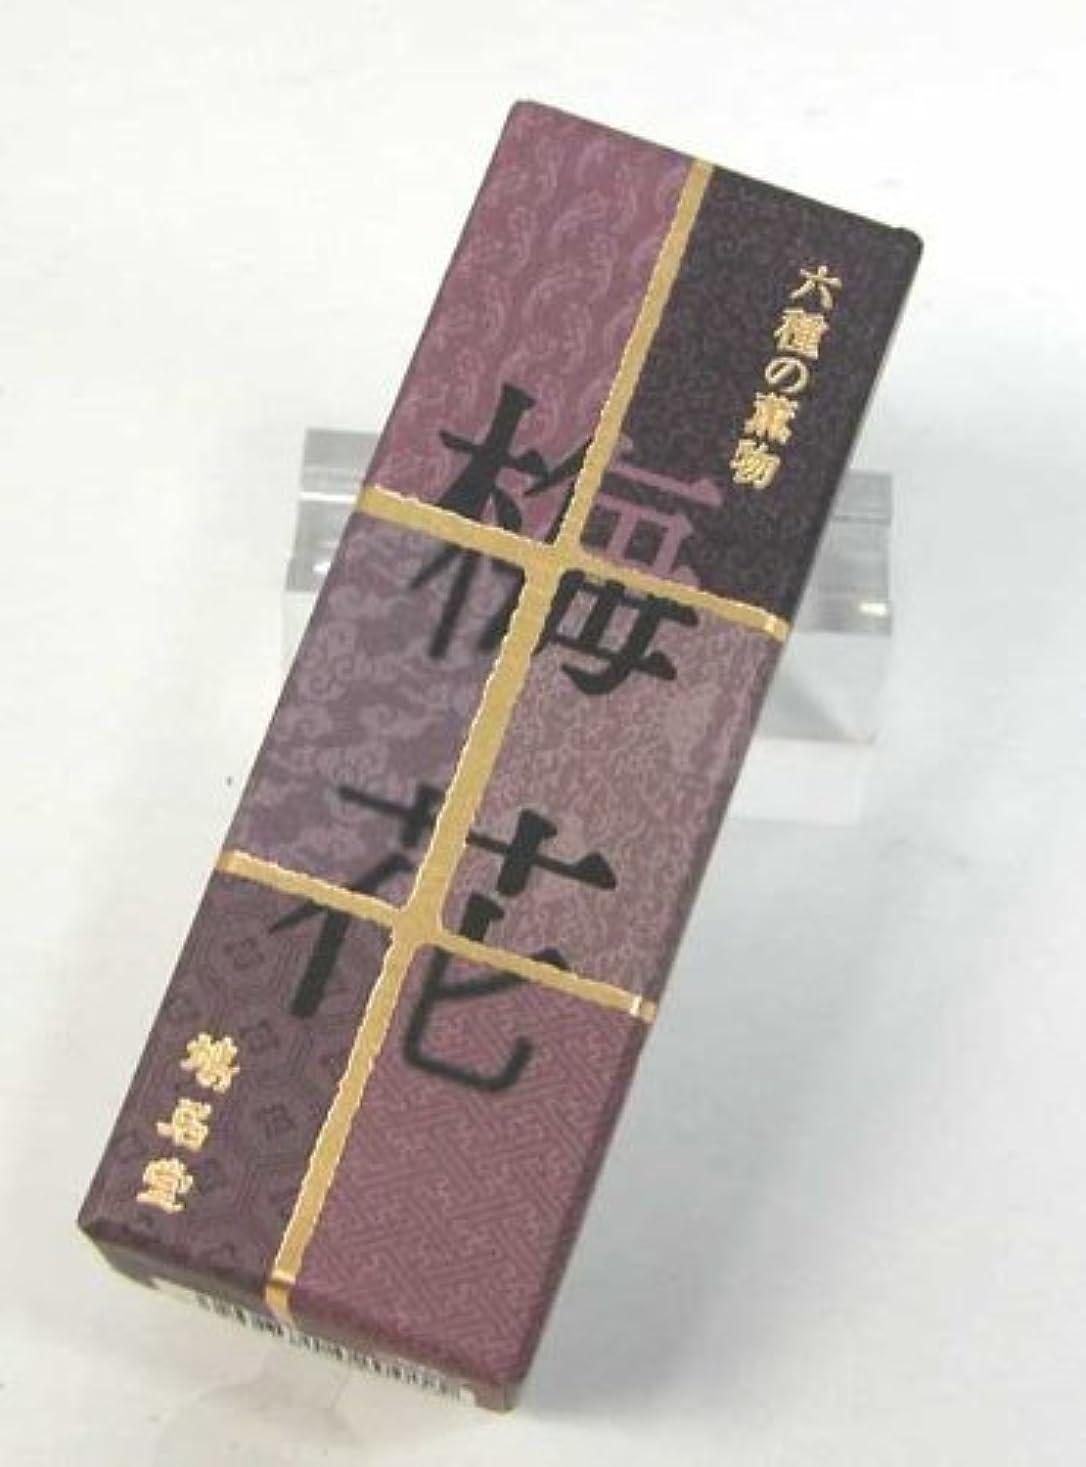 資料アセ出撃者鳩居堂 お香 梅花(ばいか) 六種の薫物(むくさのたきもの)シリーズ スティックタイプ(棒状香)20本いり